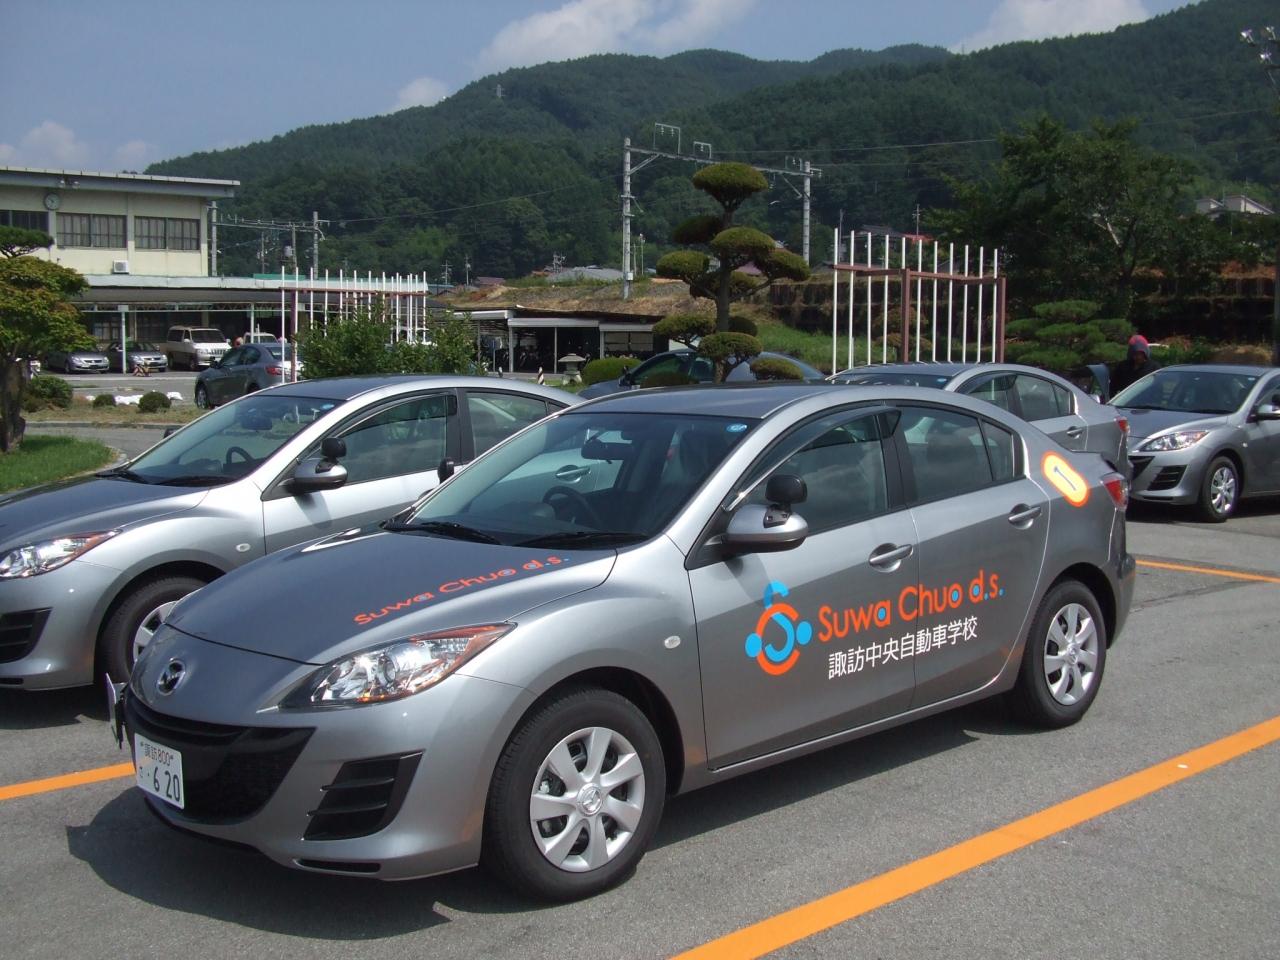 車両マーキング-諏訪中央自動車学校様